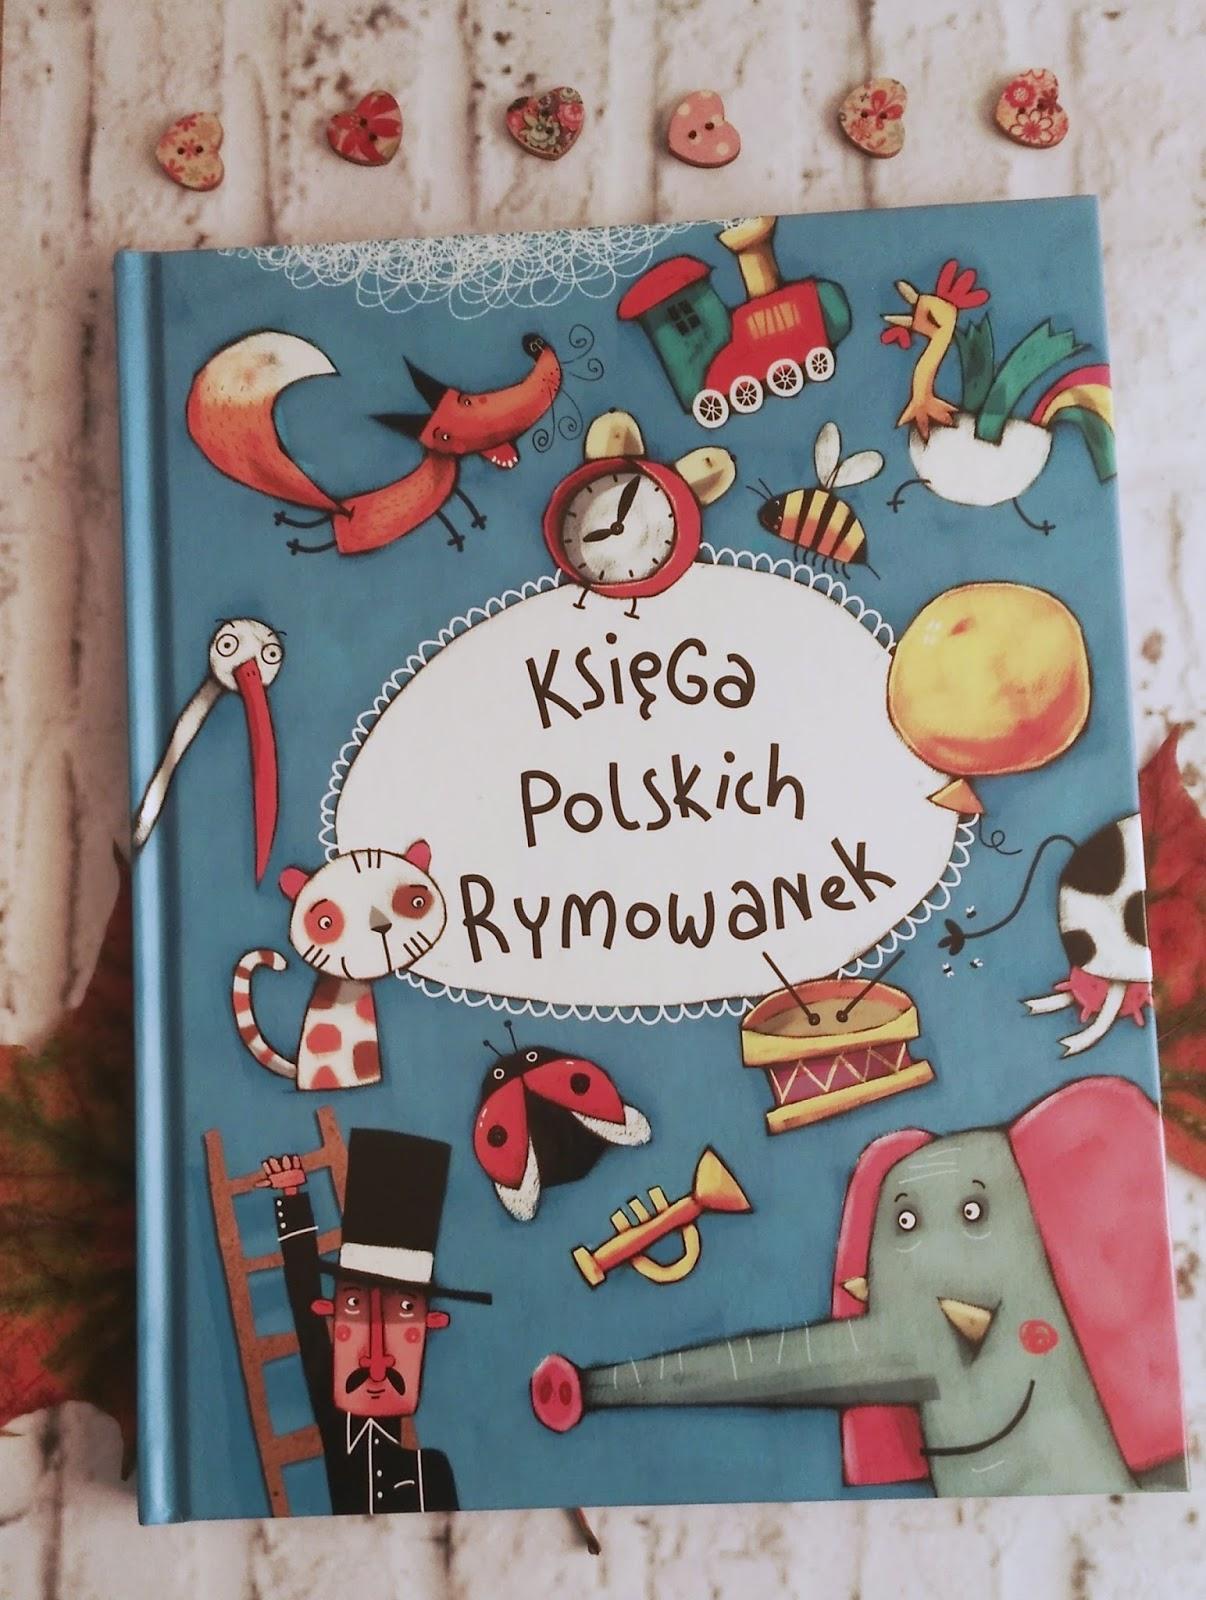 Księga polskich rymowanek -recenzja